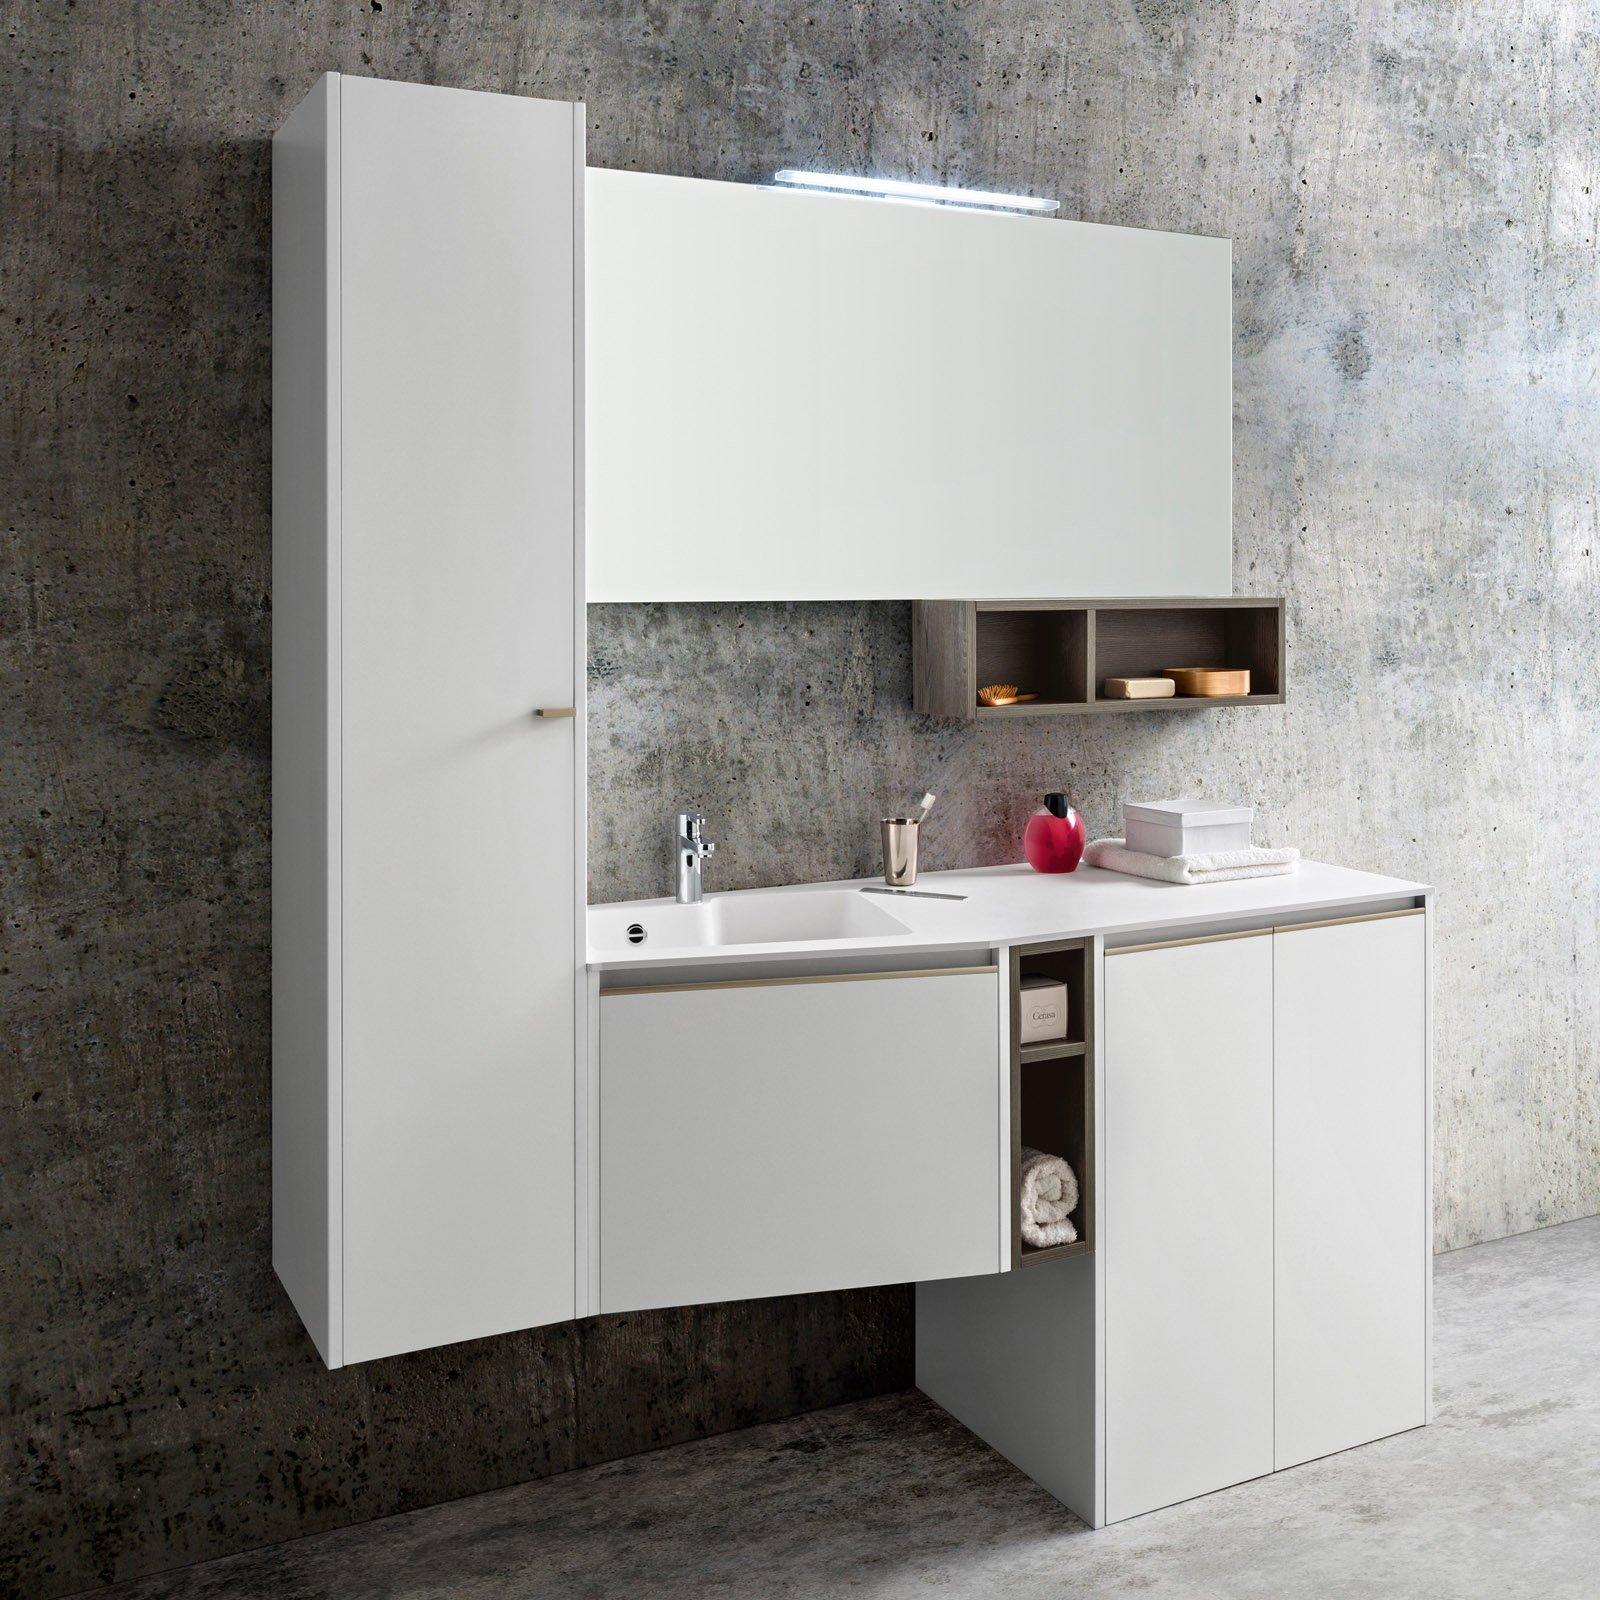 Mobili per il bagno libere composizioni per liberi pensatori cose di casa - Colonna bagno mercatone uno ...